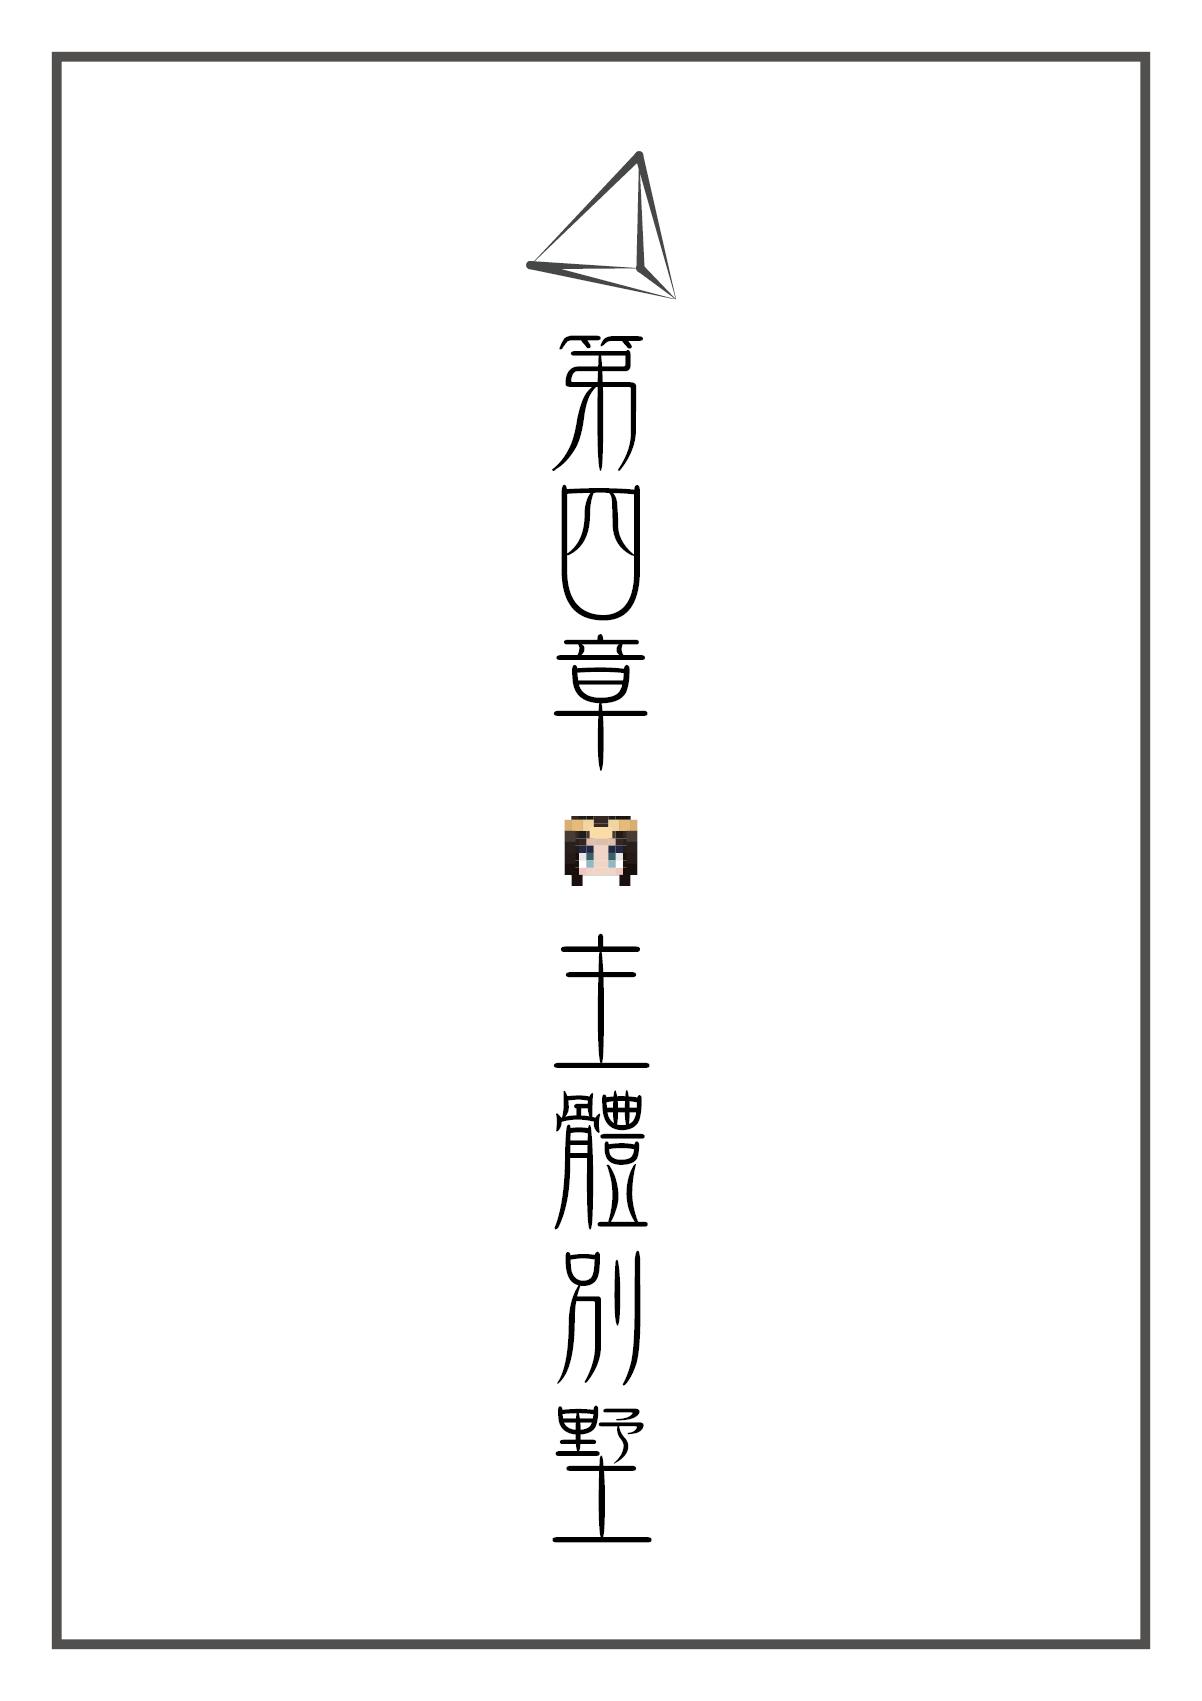 【我的别墅现代建筑群】莆田v别墅楼盘--源梦岛海岛秀屿世界别墅图片